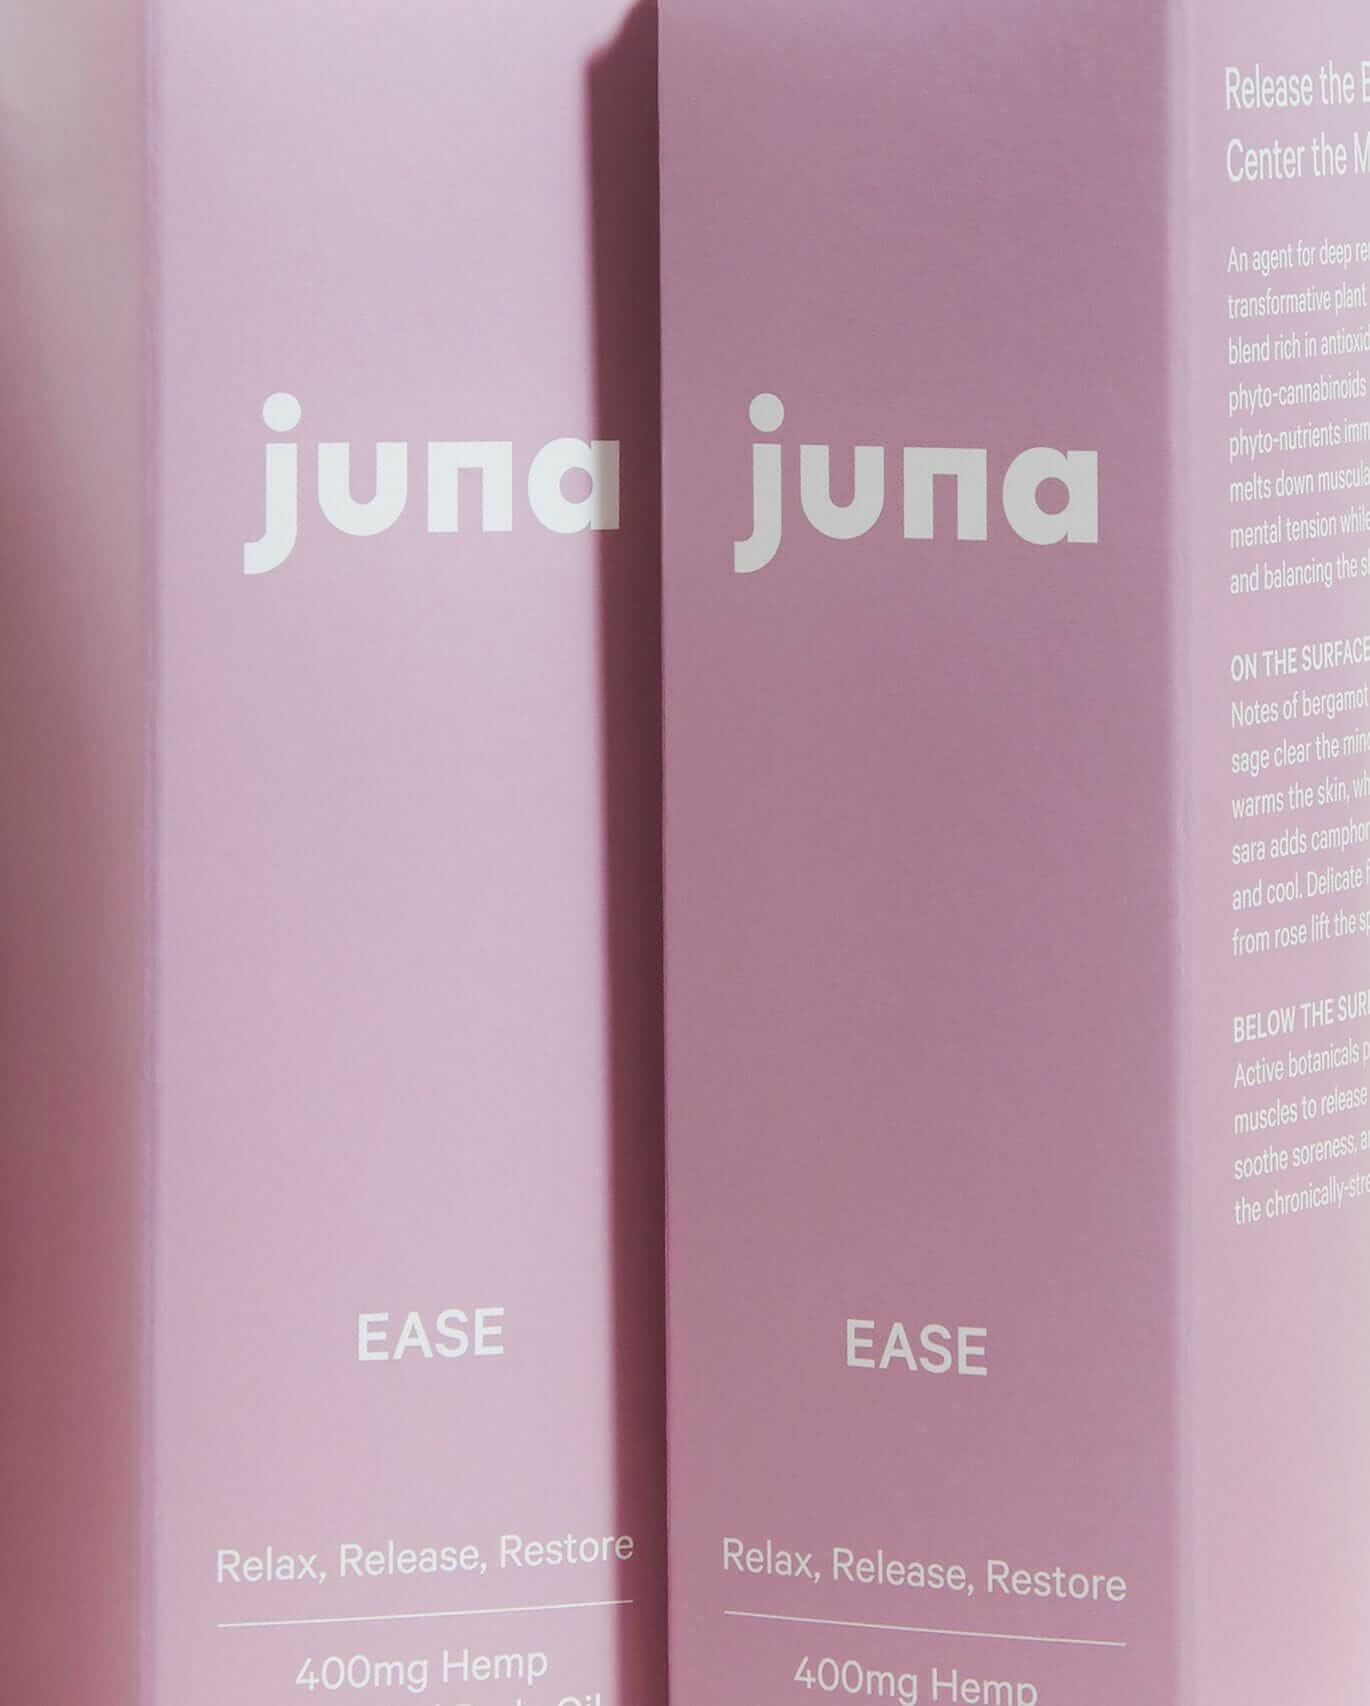 Juna_Packaging_LR_12-compressor